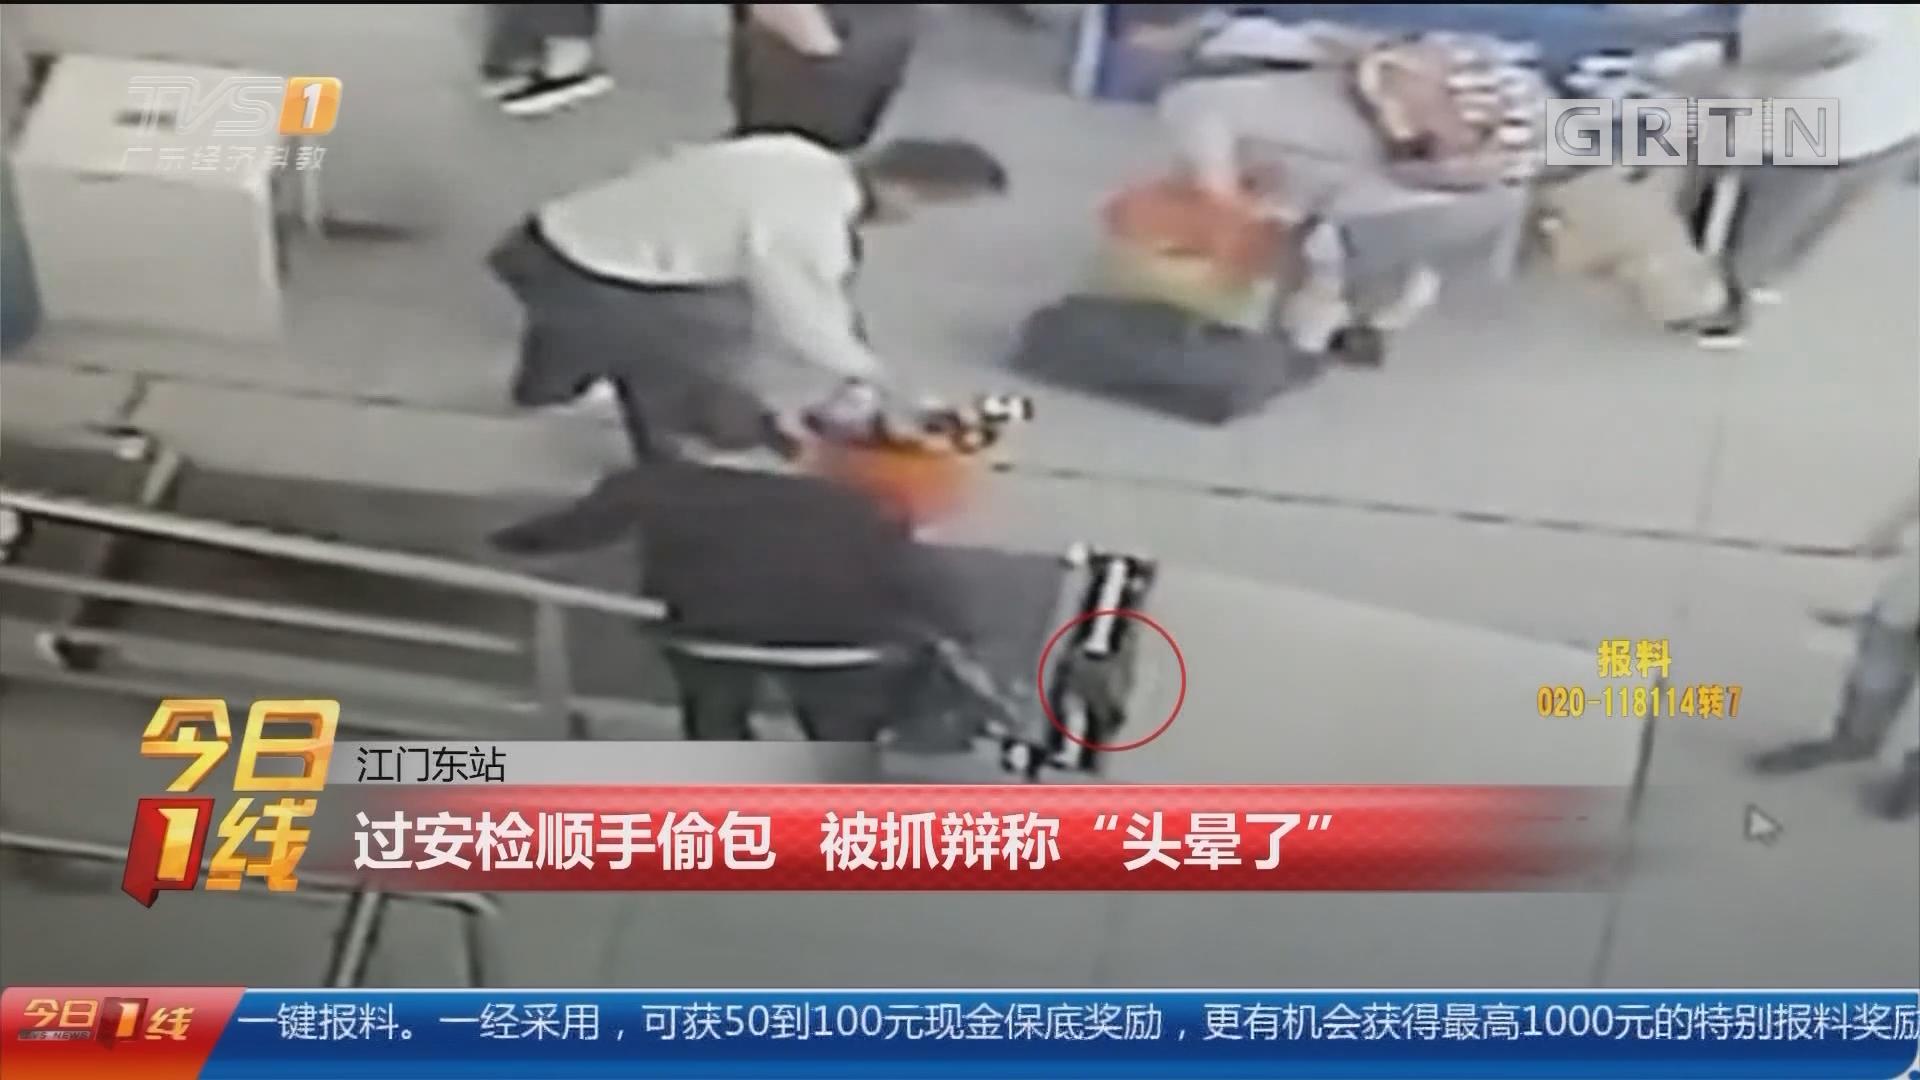 """江门东站:过安检顺手偷包 被抓辩称""""头晕了"""""""